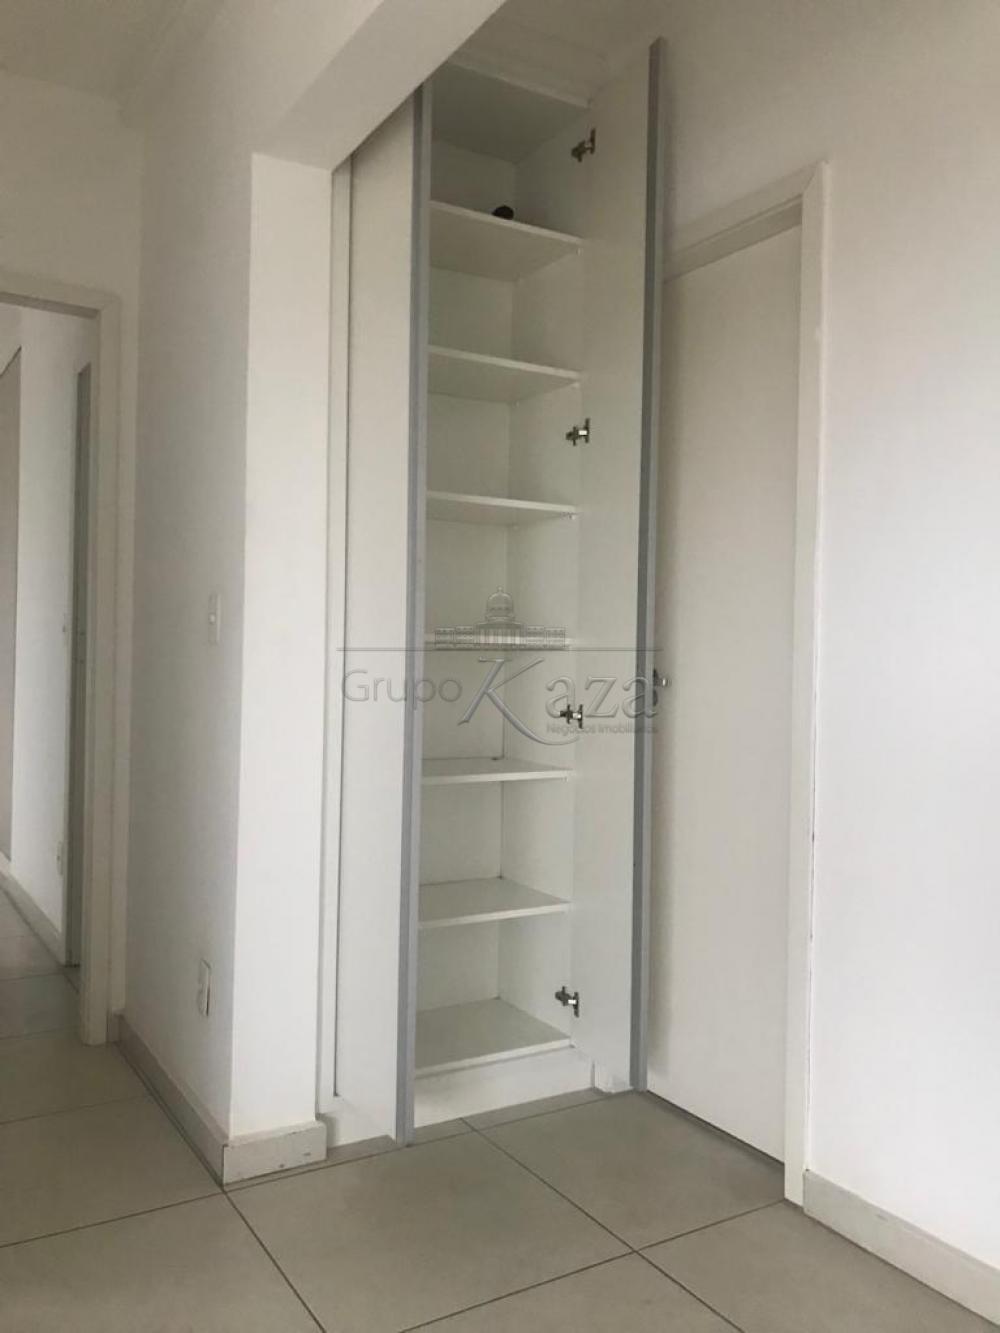 Comprar Casa / Condomínio em Taubaté apenas R$ 352.000,00 - Foto 9